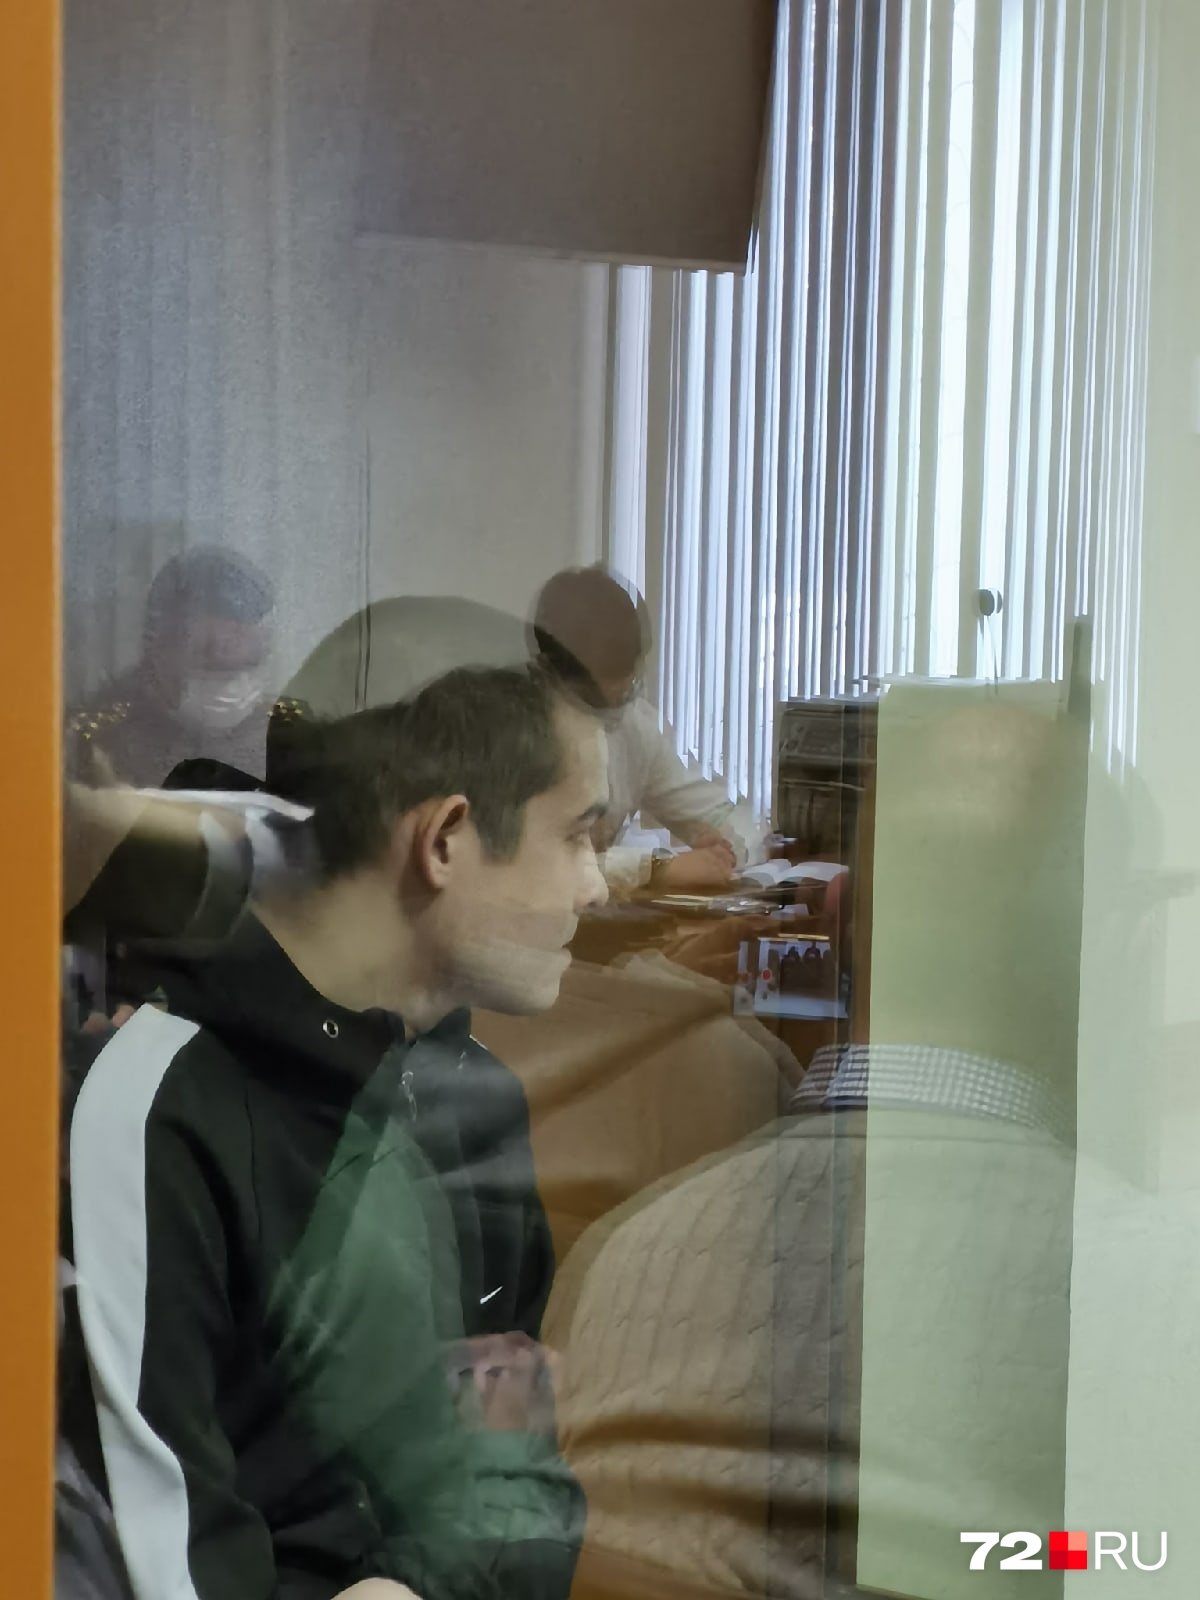 Рамиль Шамсутдинов узнал срок, который проведет в колонии